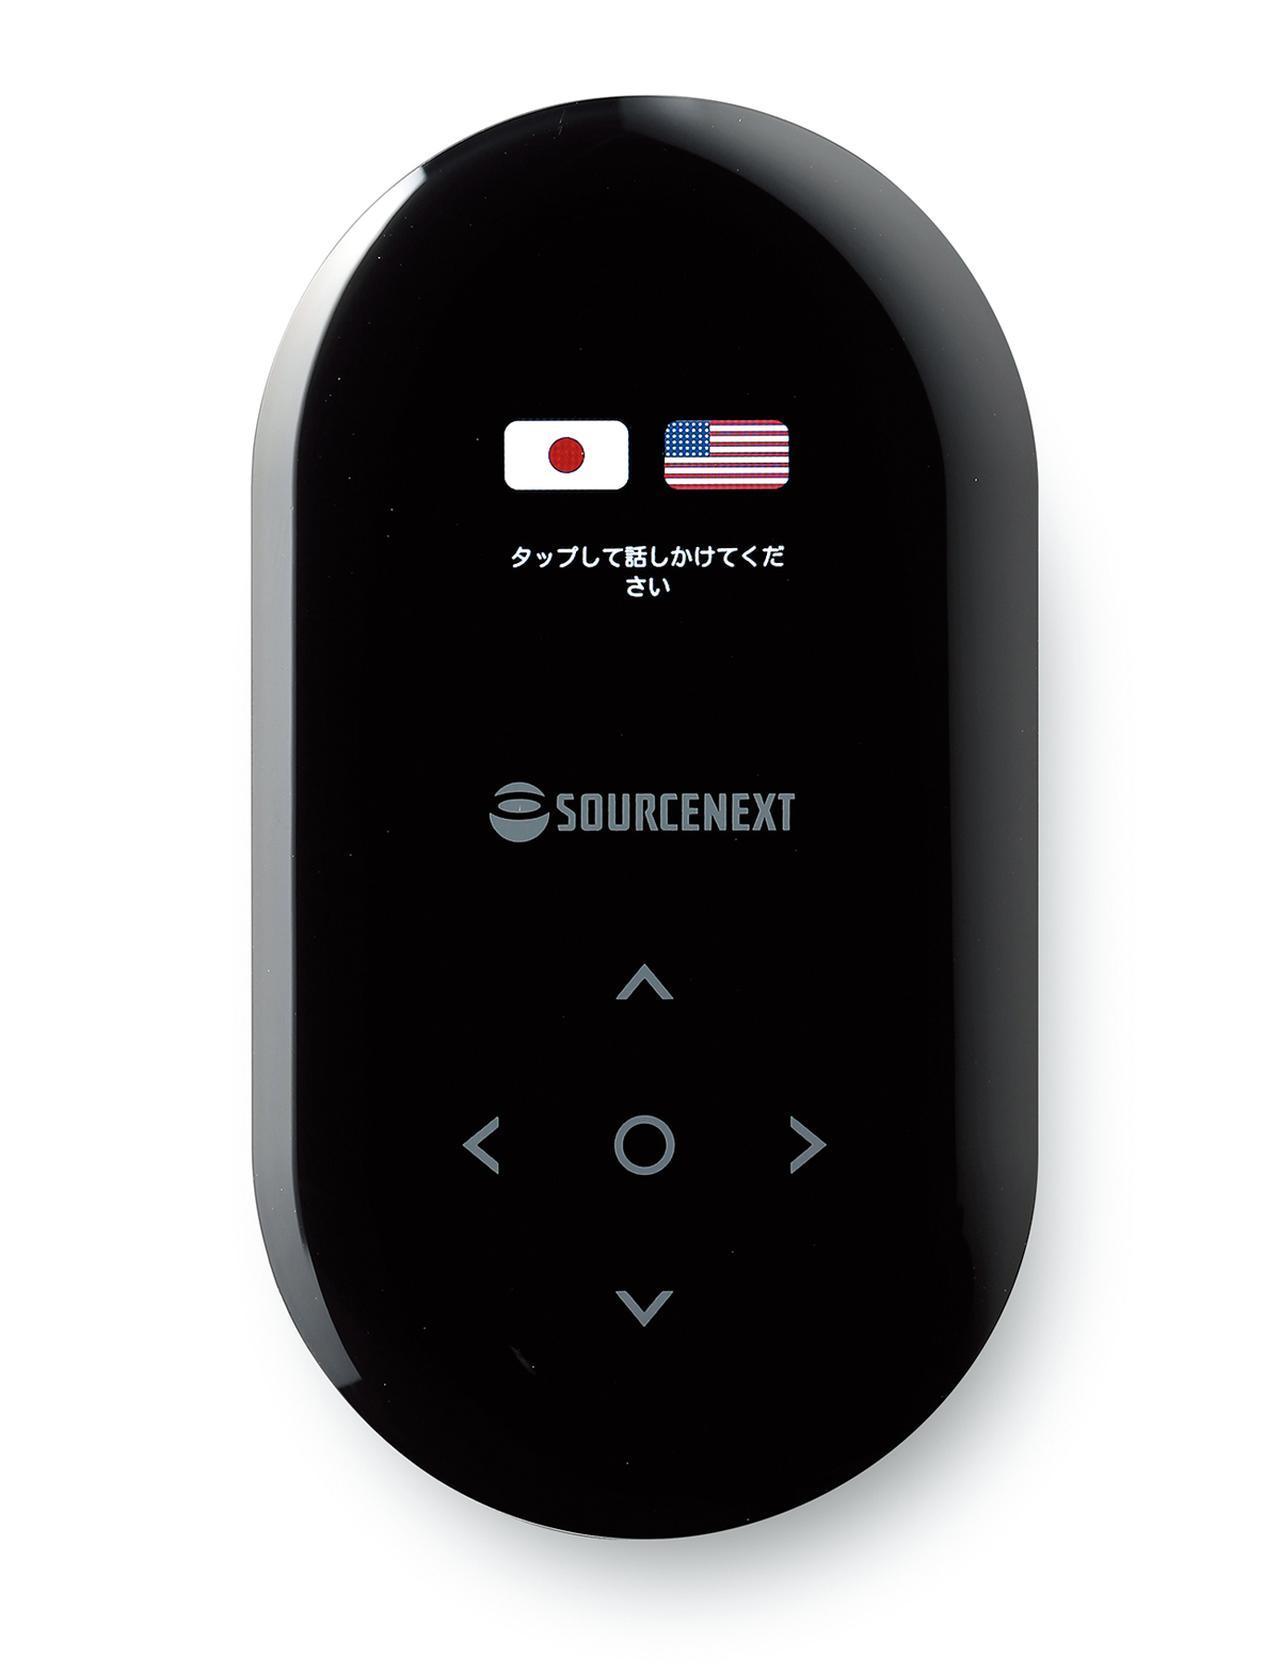 画像: 円形のカラーパネルには、翻訳対象となる言語の国旗を表示。パネル下部のカーソルキーは、タッチパネルになっている。本体サイズ/重量は、幅60ミリ×高さ110ミリ×奥行き16ミリ/90グラム。